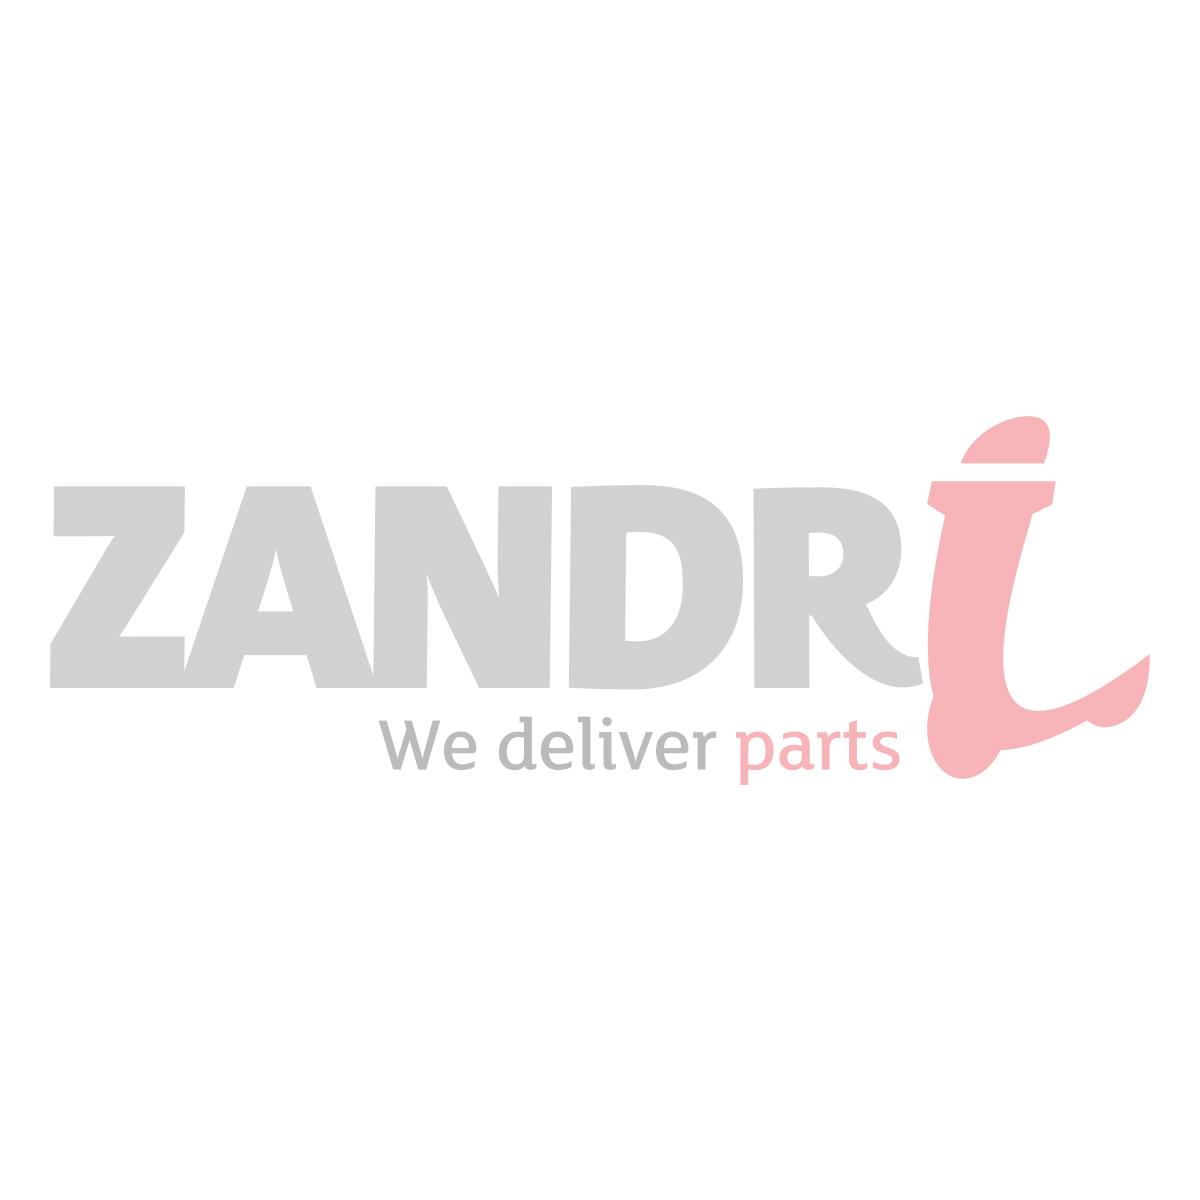 ontsteking cen/lx4t/scopia4t2v/sportcity/zip4t